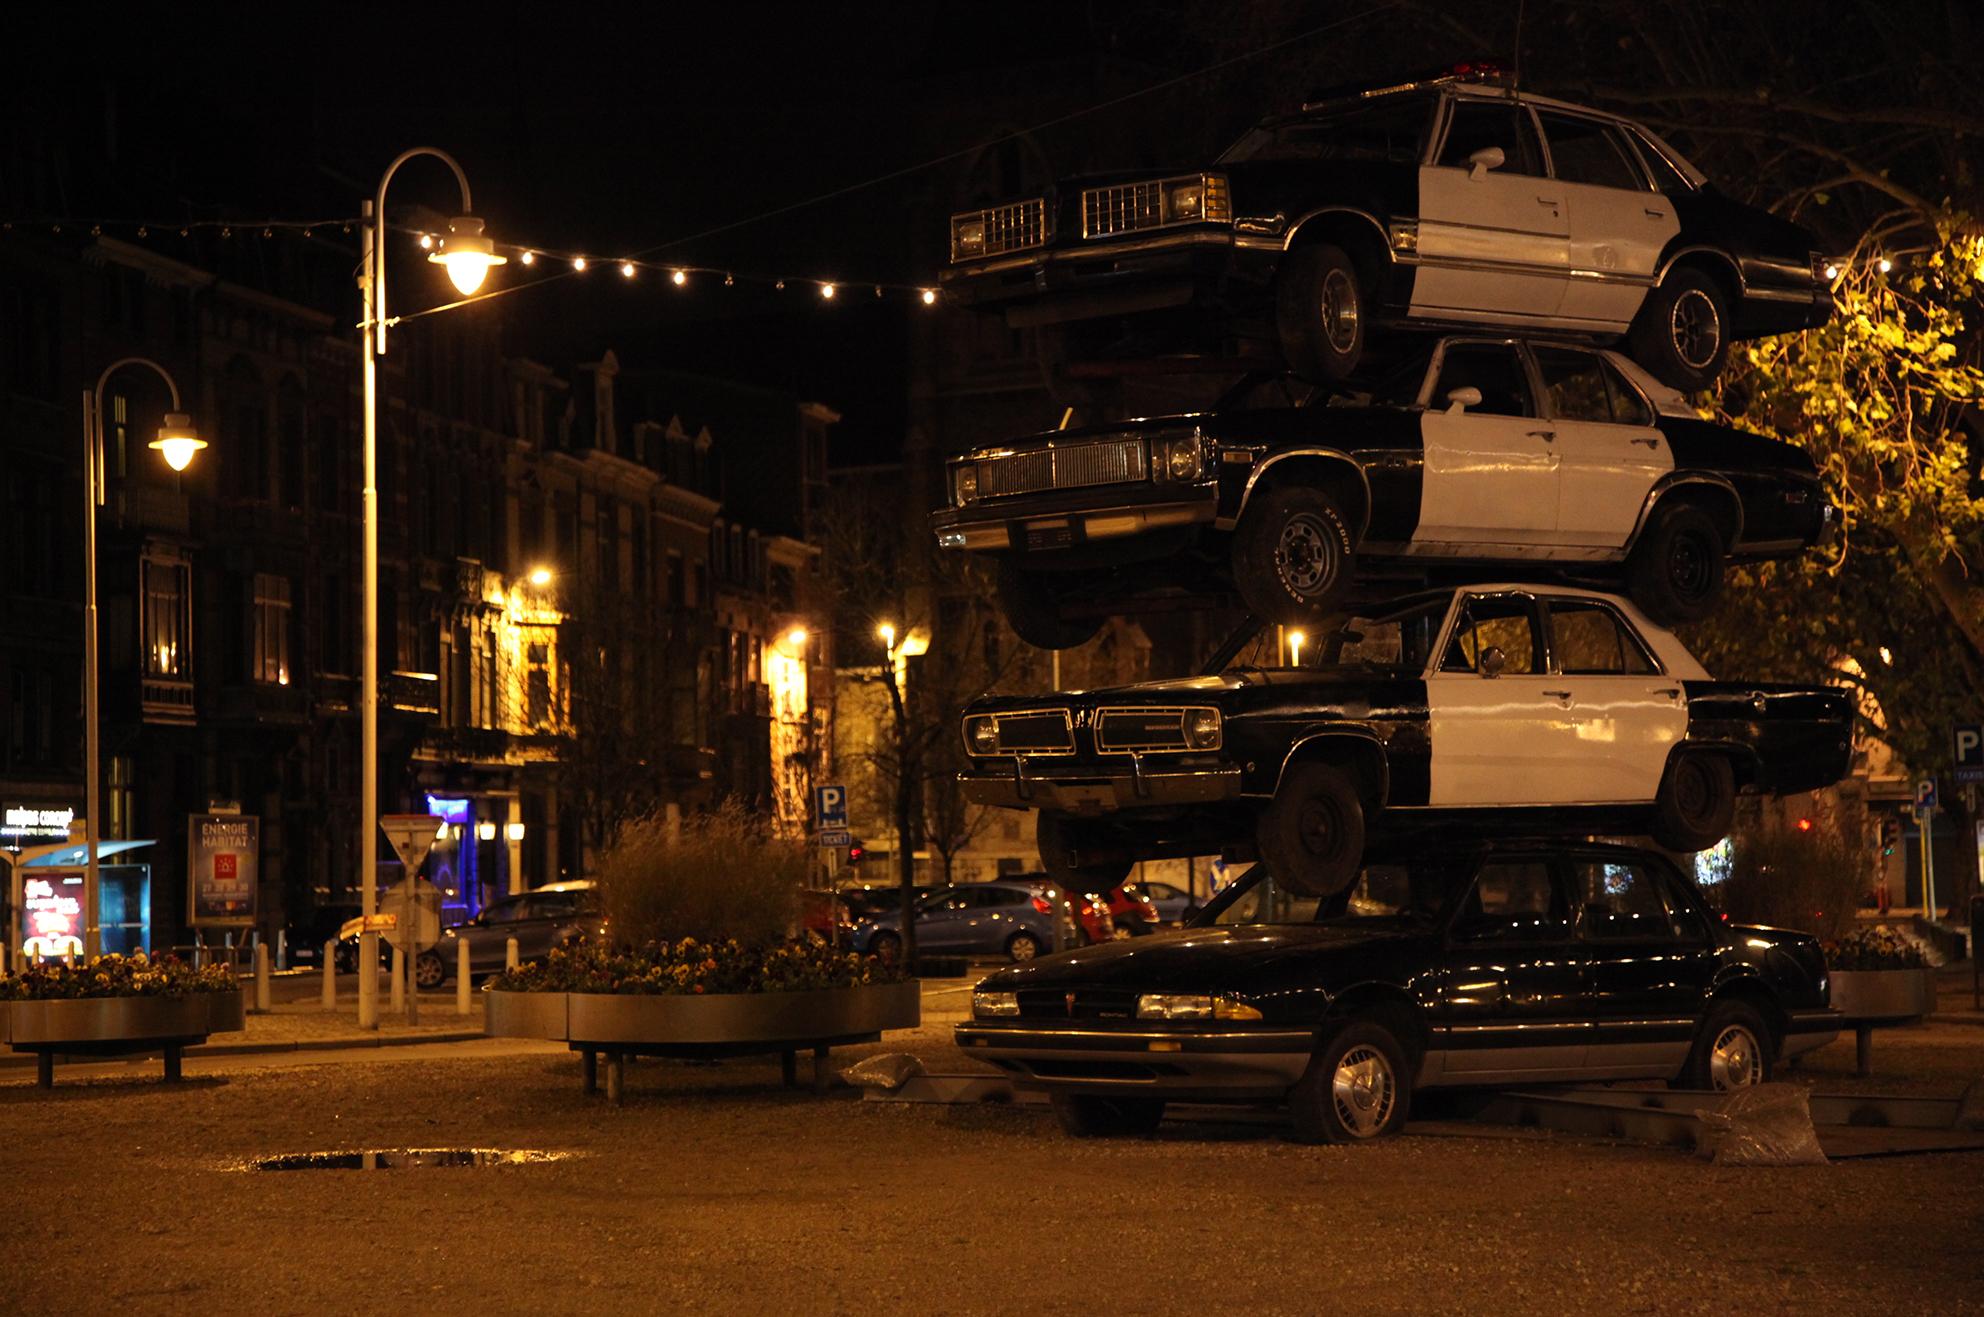 [OUT OF] CONTROL, 7ème biennale internationale de photographie et d'art visuel, Liège, BE, 2010